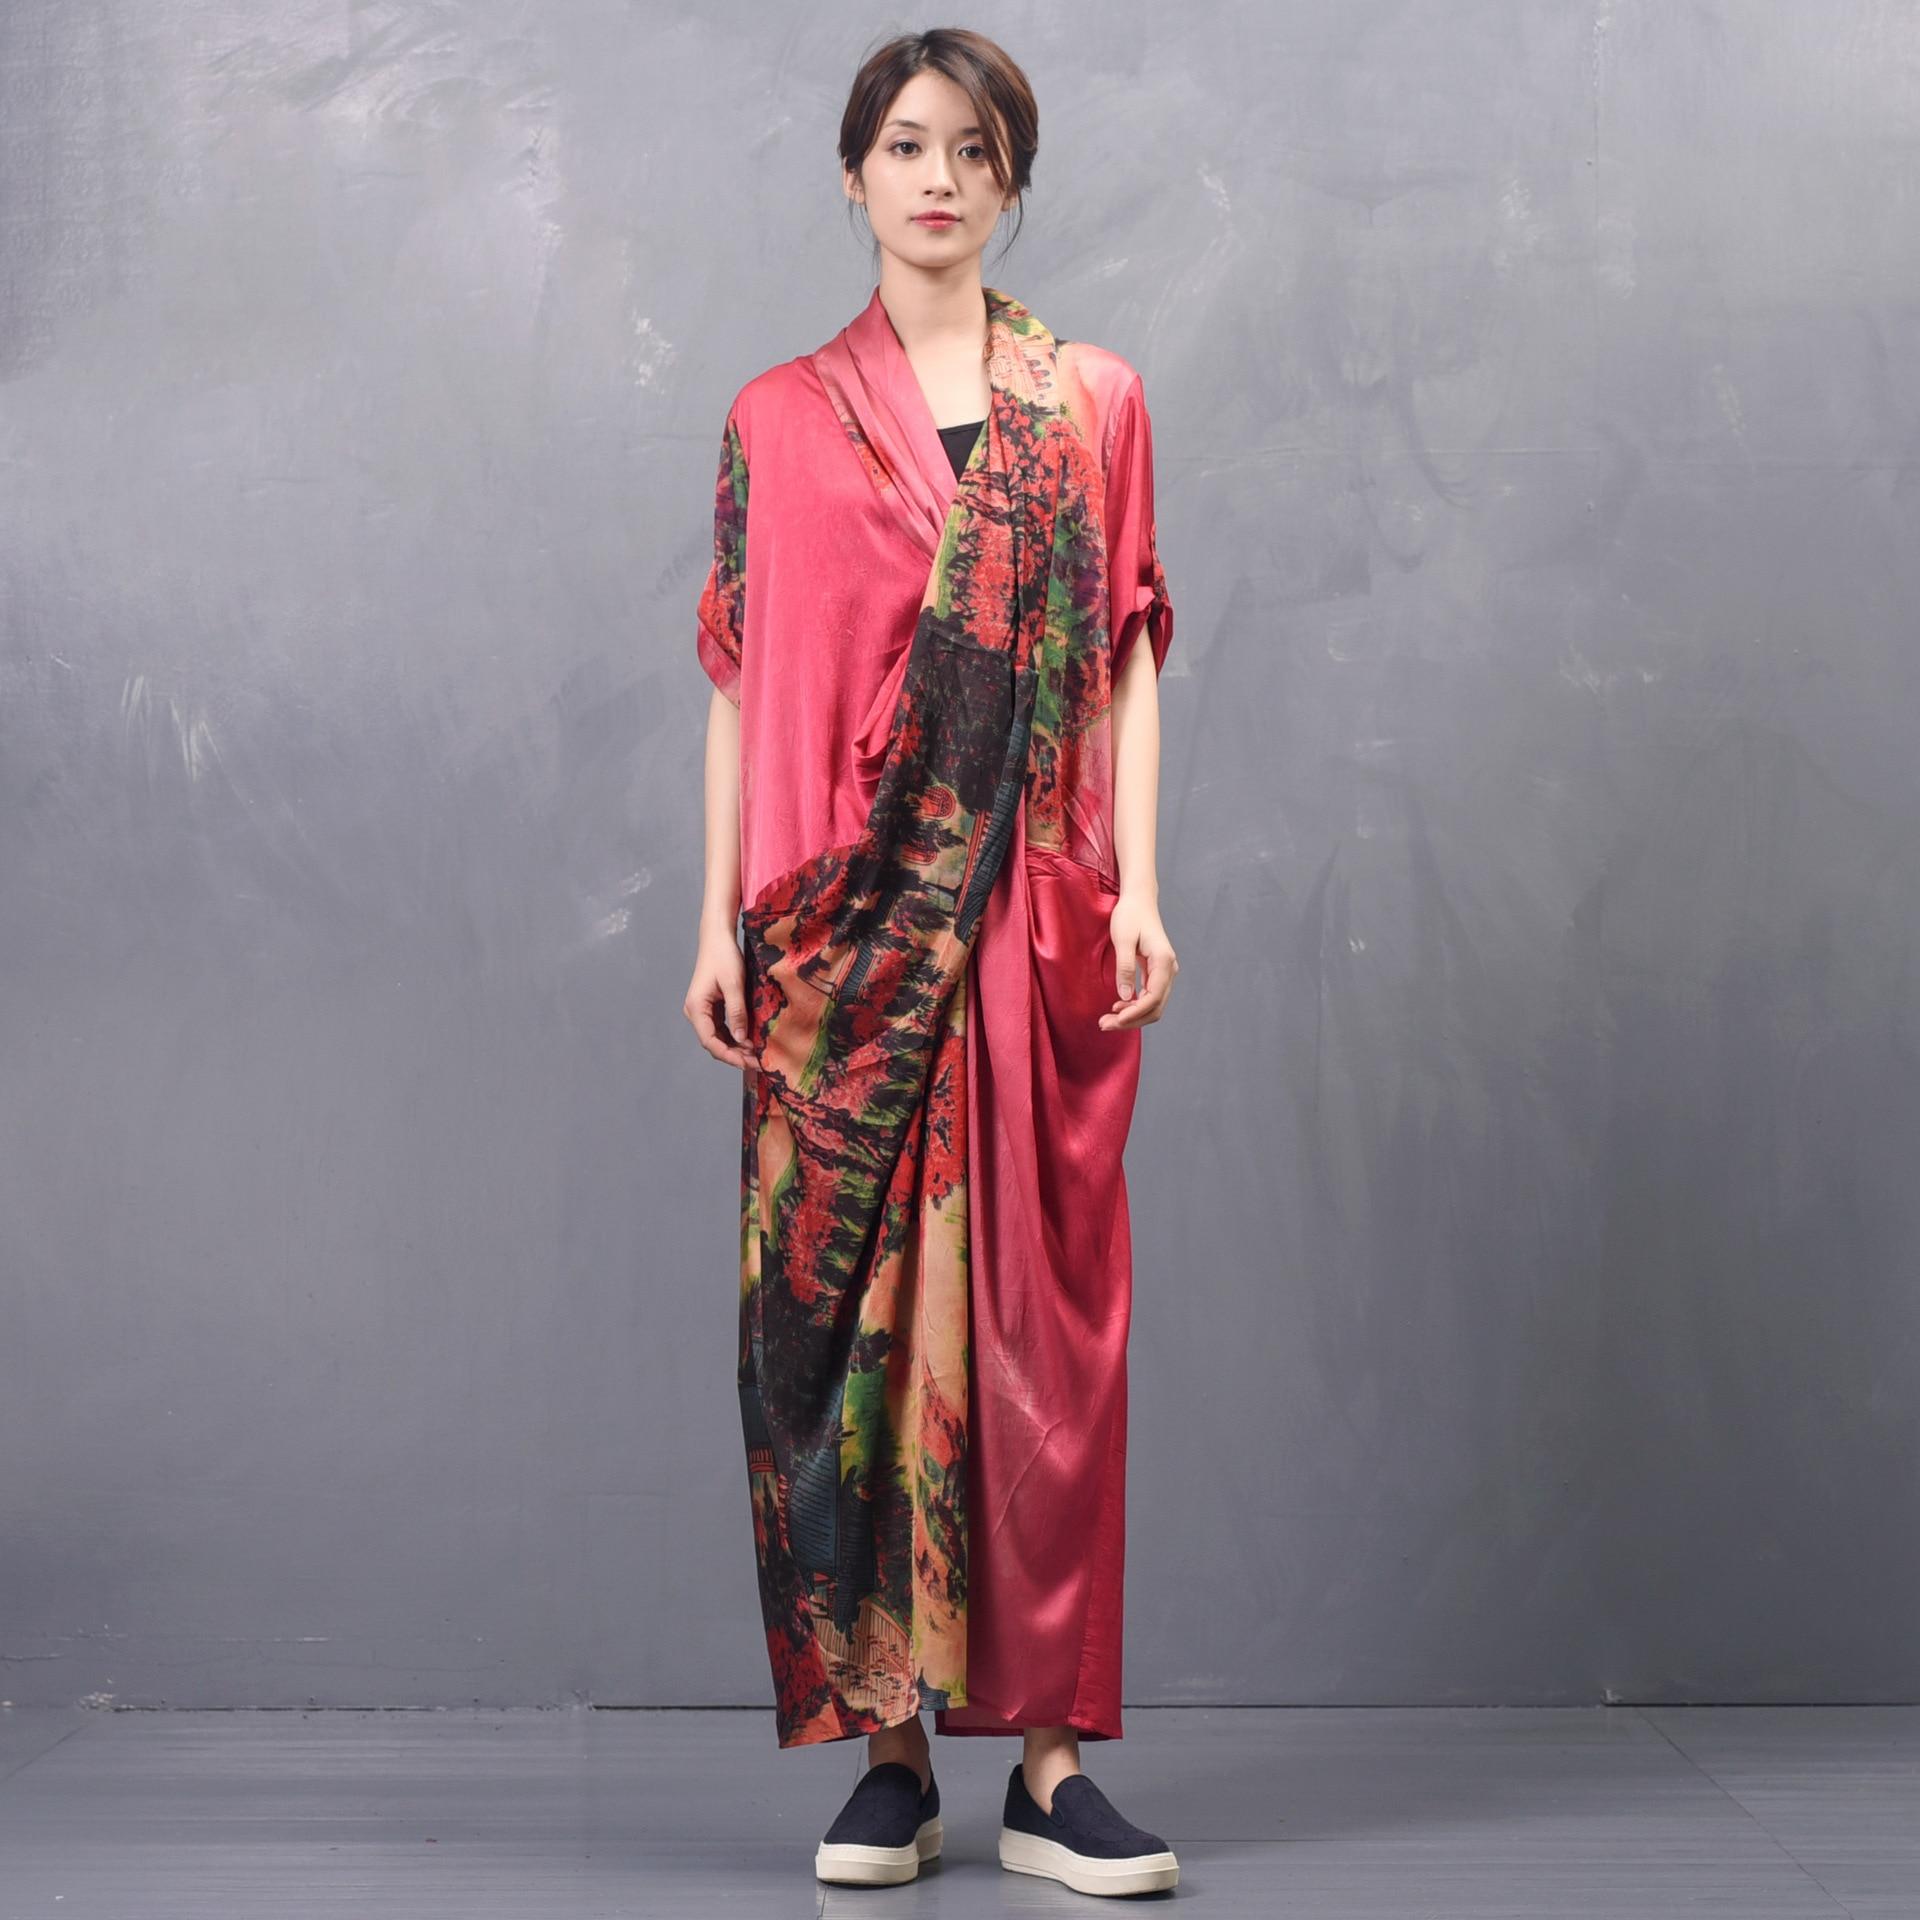 Kadın Giyim'ten Elbiseler'de Kadın İlkbahar Yaz Çapraz Gevşek Elbise Bayan Baskılı Zarif Elbise Kadın Baskı Patchwork Elbiseler 2019 Düzensiz Uzunluk Elbise'da  Grup 2